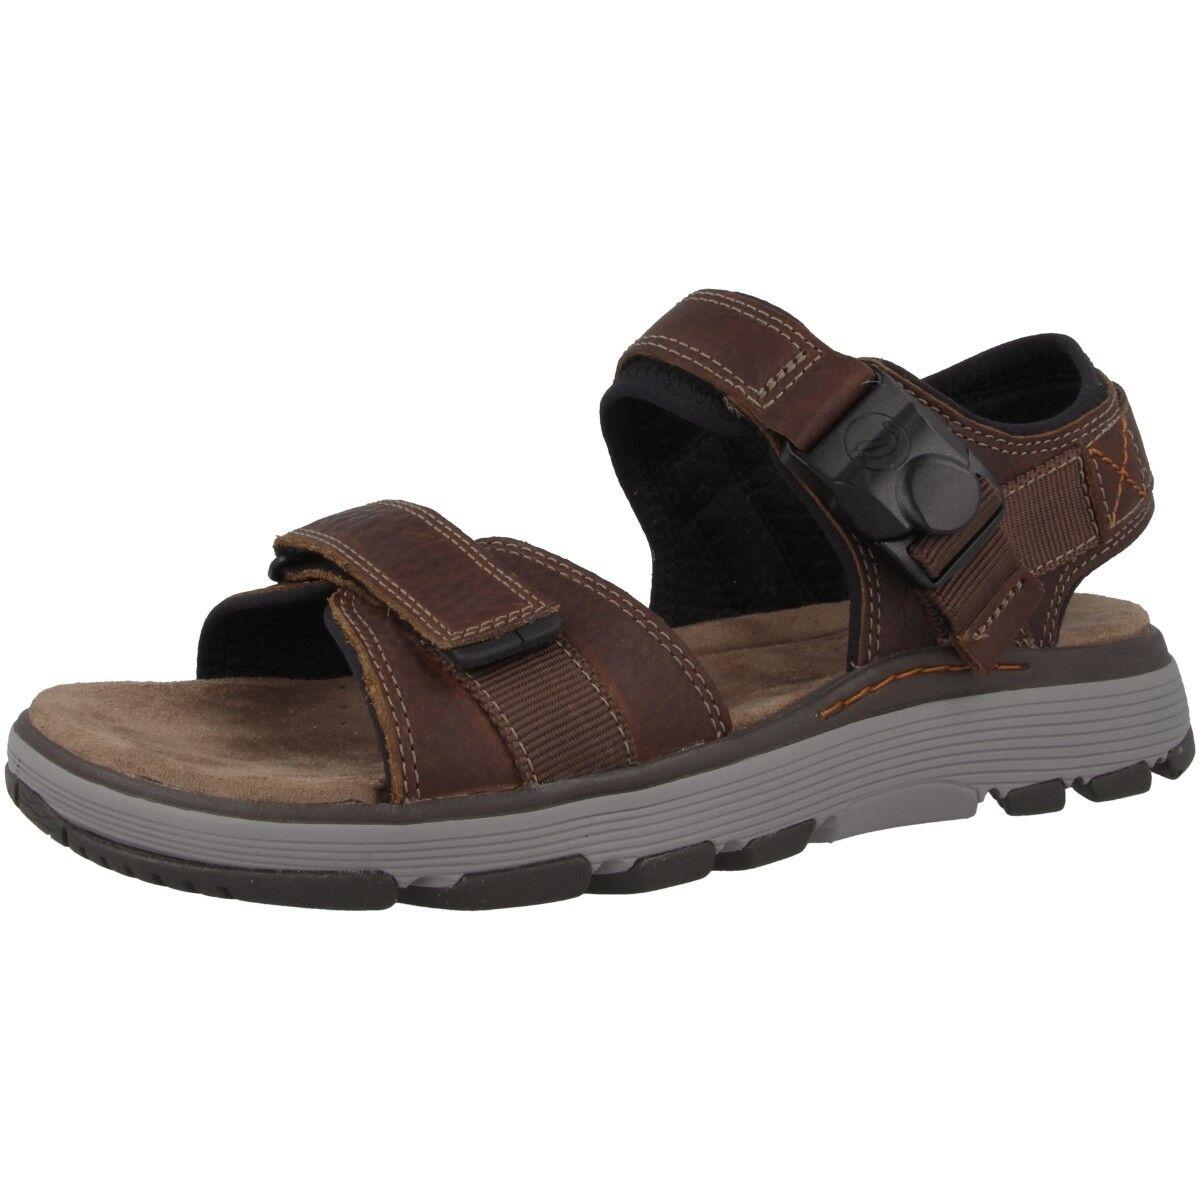 Clarks un Trek Parte shoes men Sandali Trekking Trail Col Tacco Alto 26131860